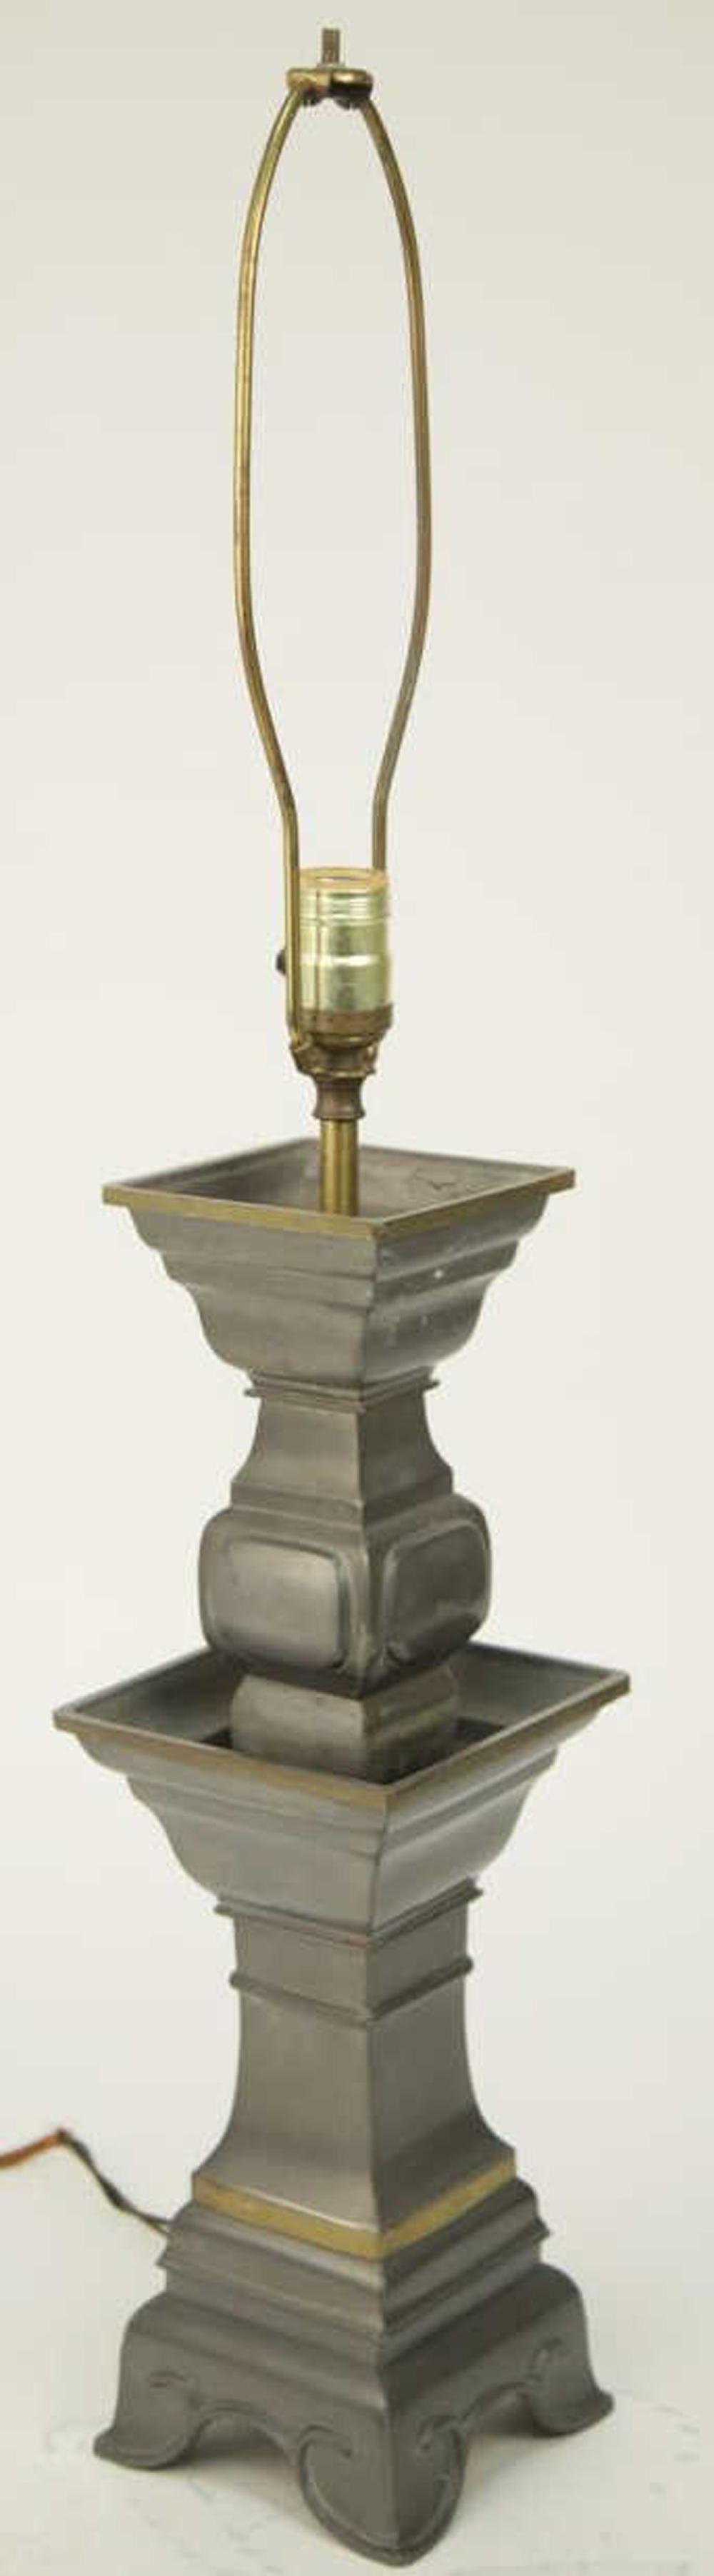 Mid Century Metal Vase Form Table Lamp